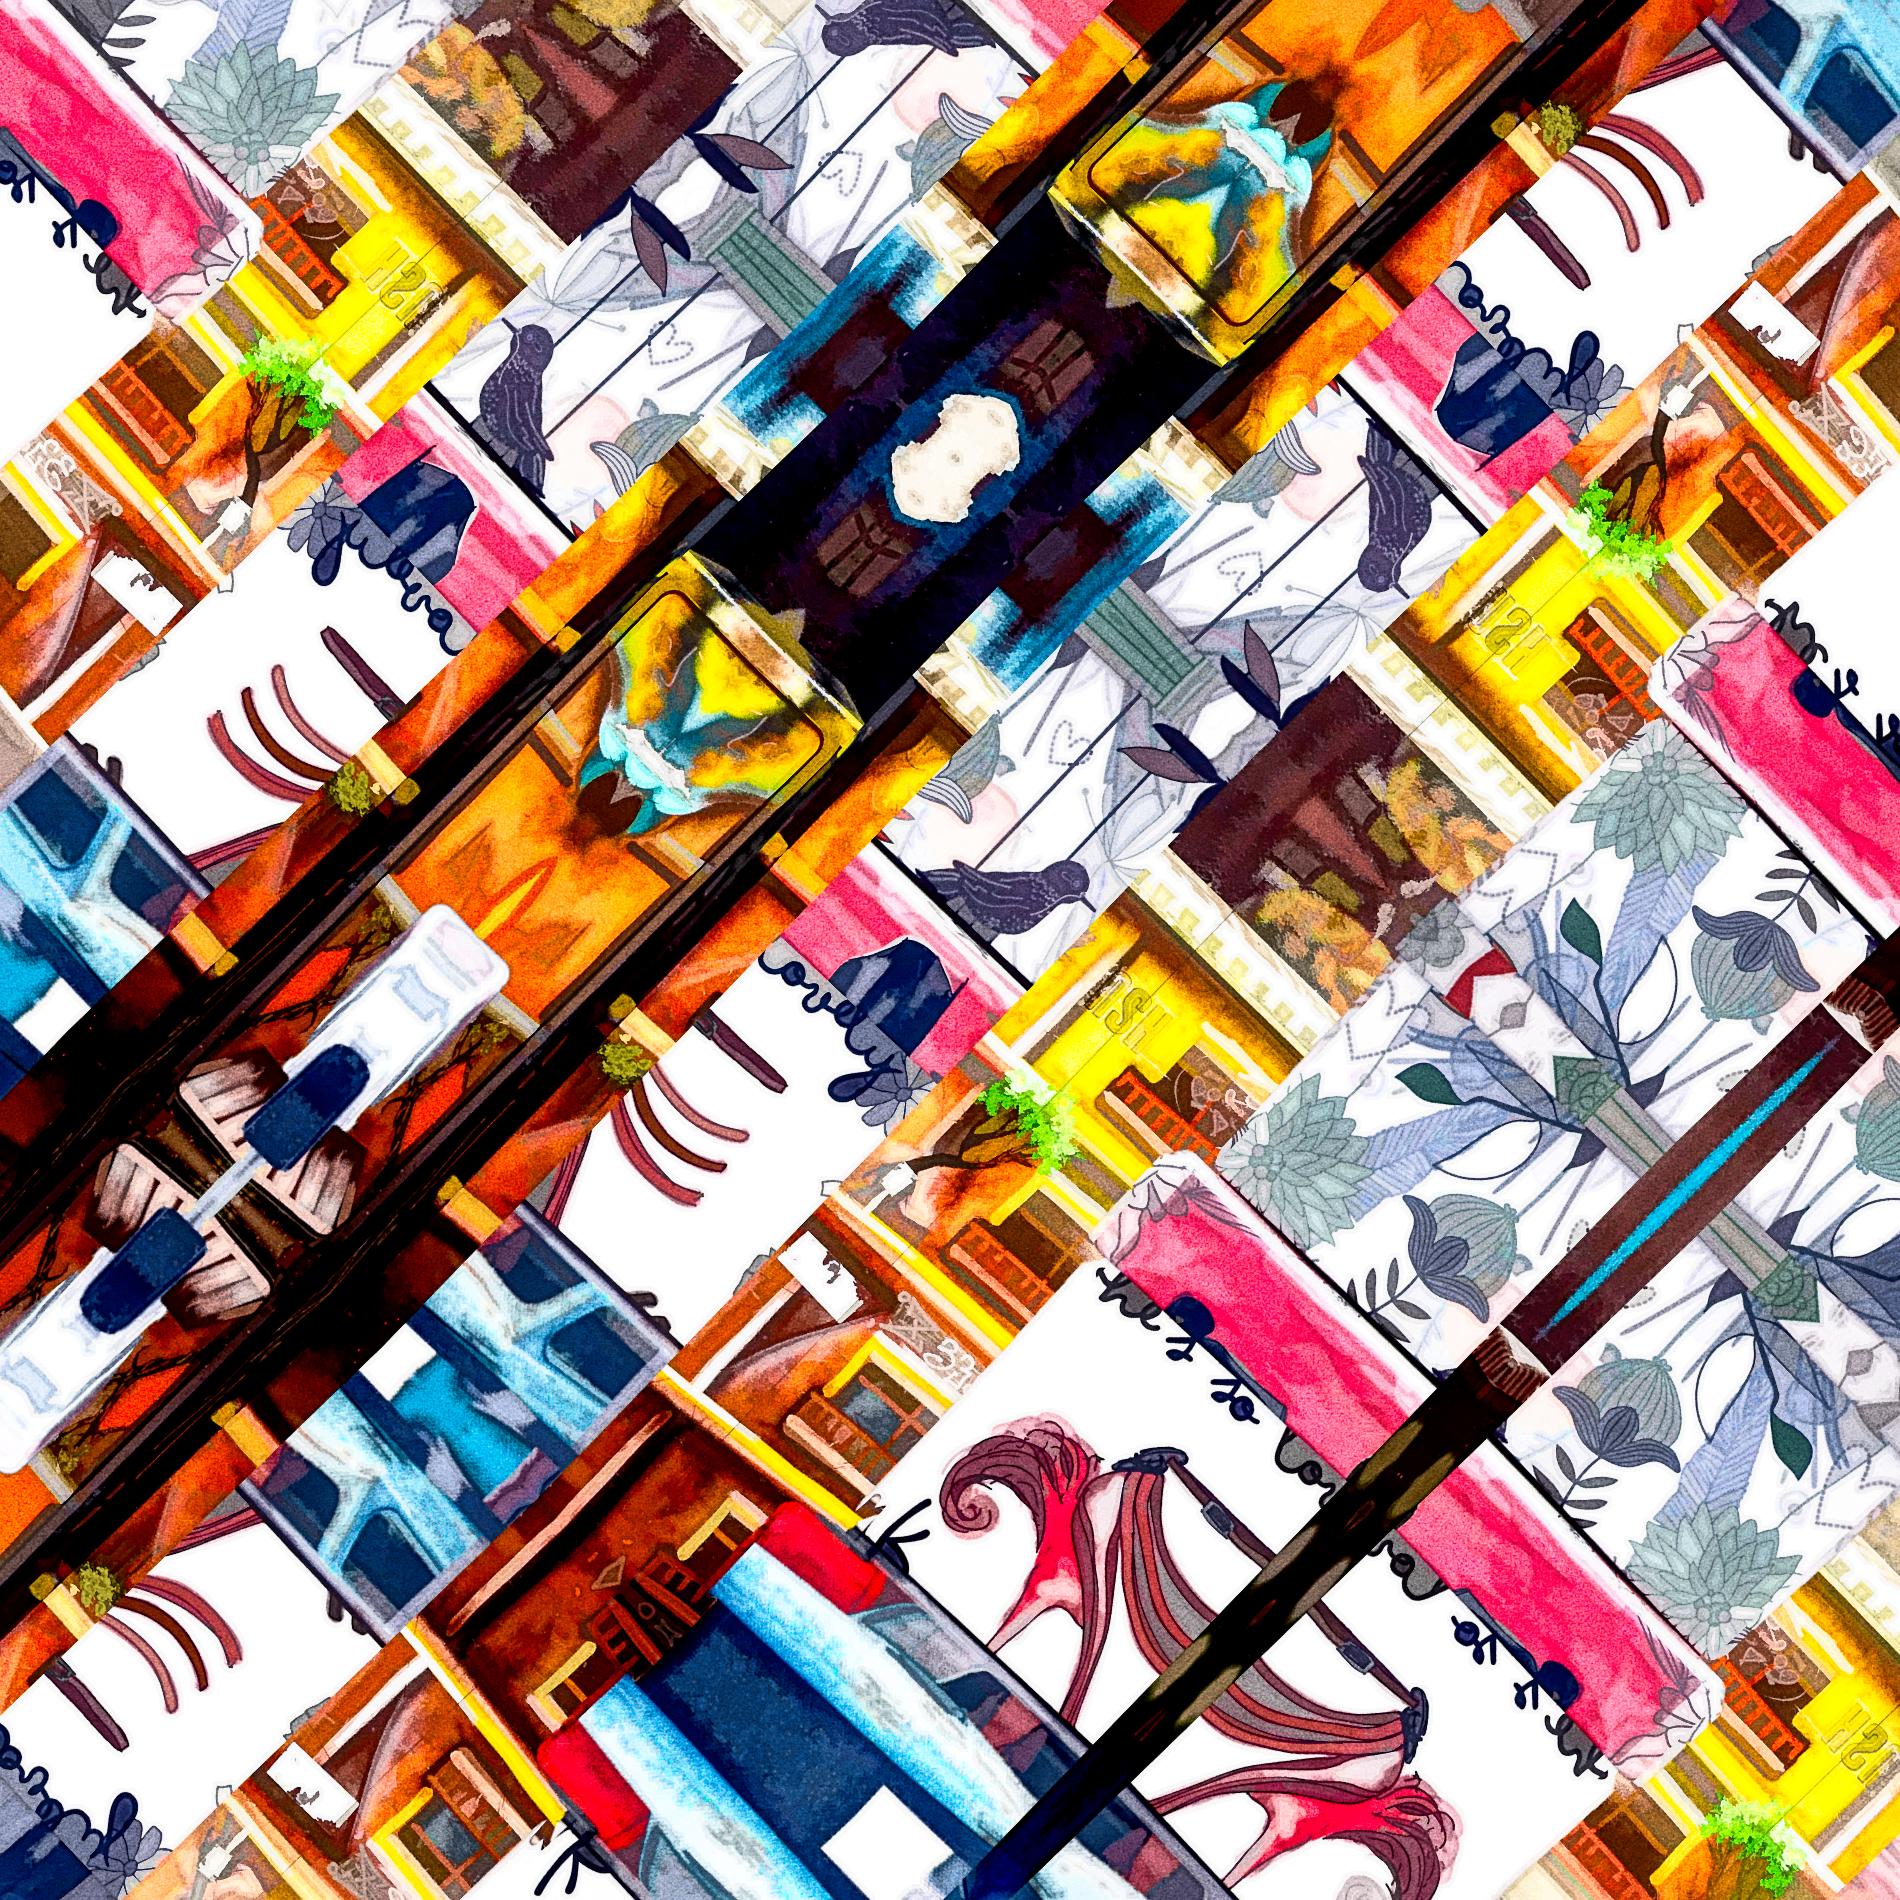 おしゃれなカラフルポスター&かわいい壁紙:油絵